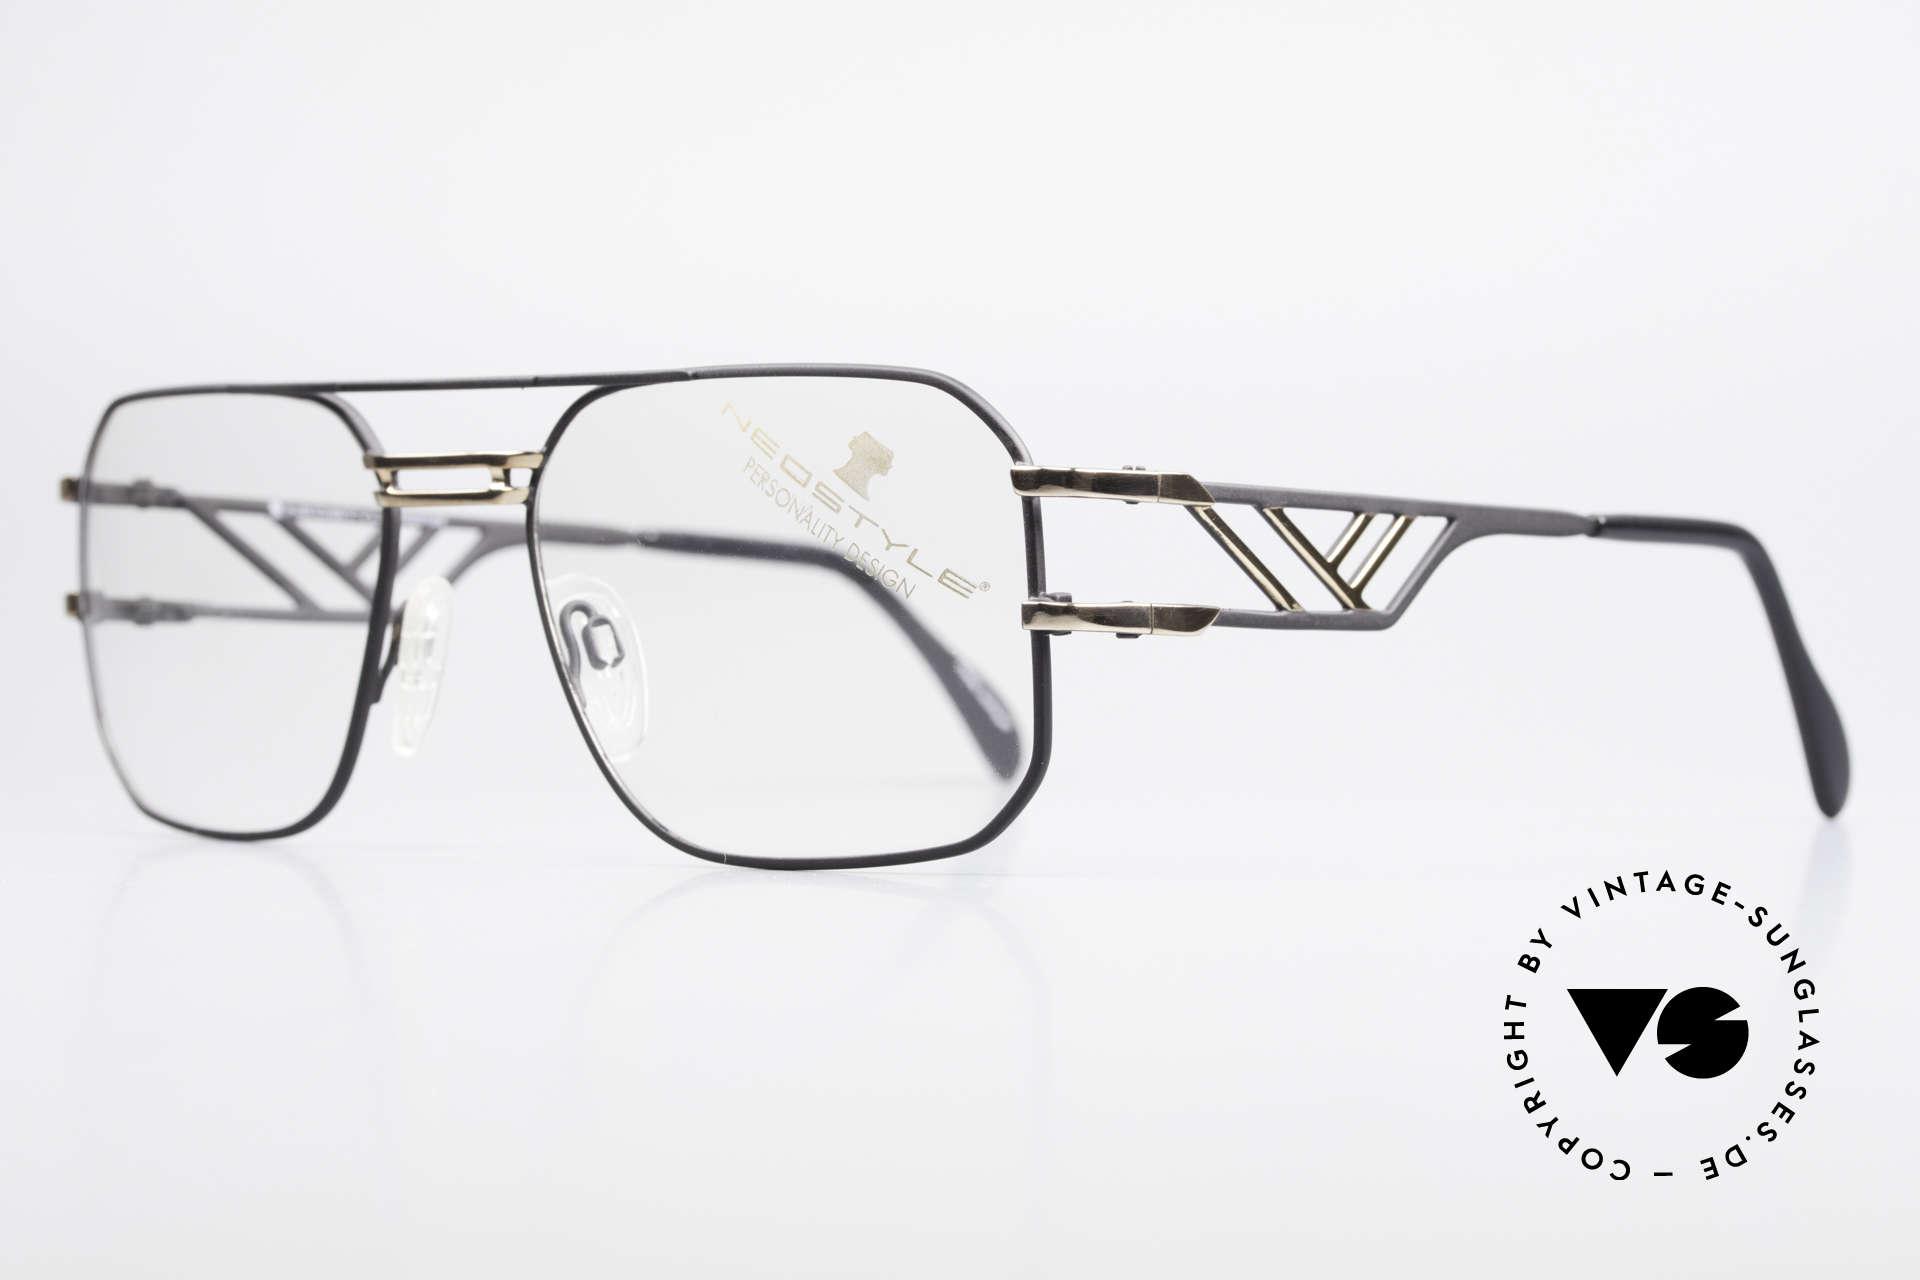 Neostyle Boutique 306 Champion Vintage Brille 80er, Fertigung wie aus einem Stück / einem Guss, Passend für Herren